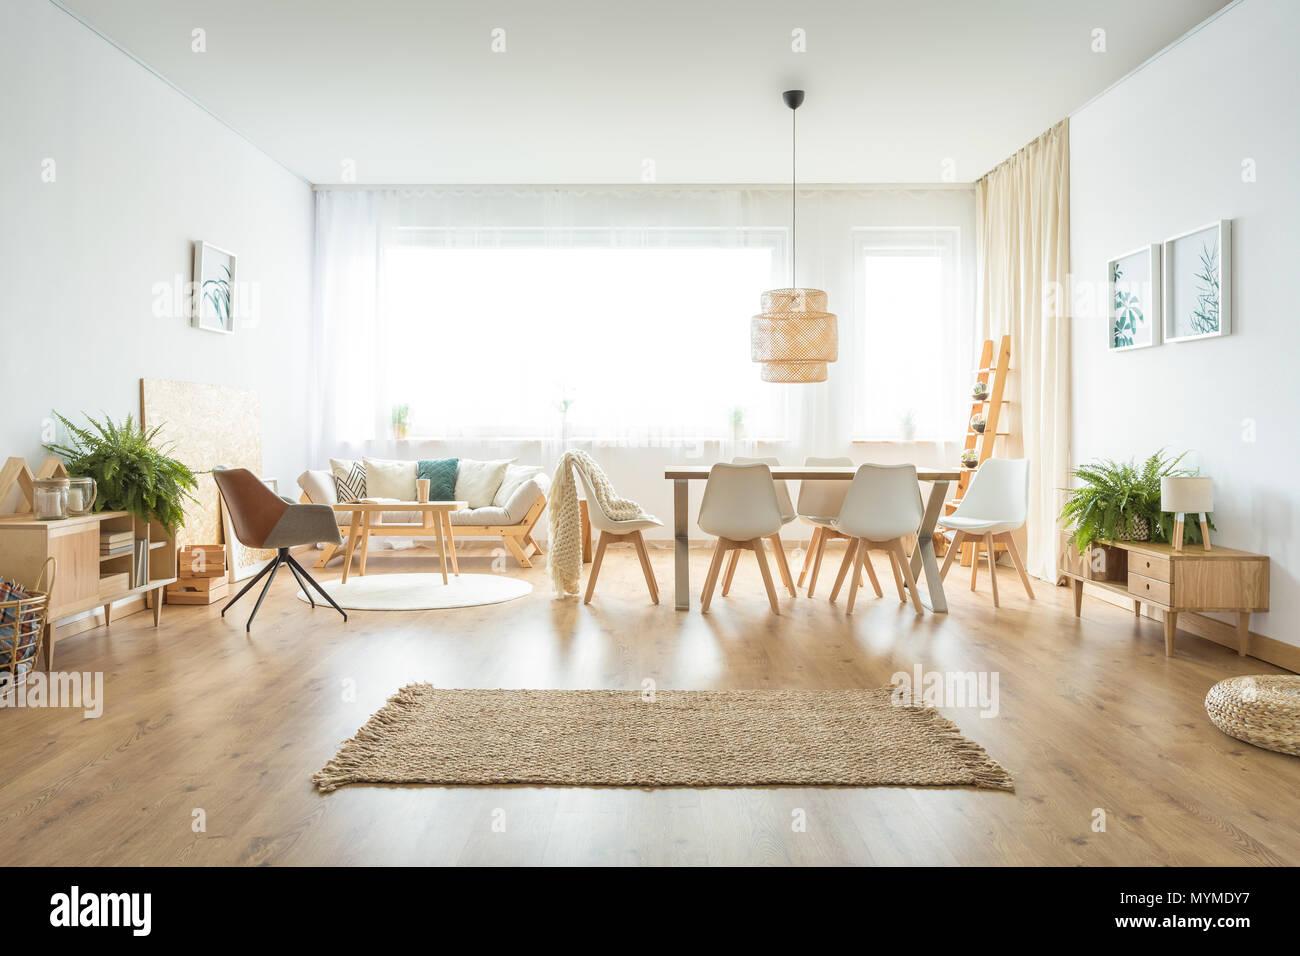 Tappeto marrone e armadi in legno di felci in uno spazioso ...